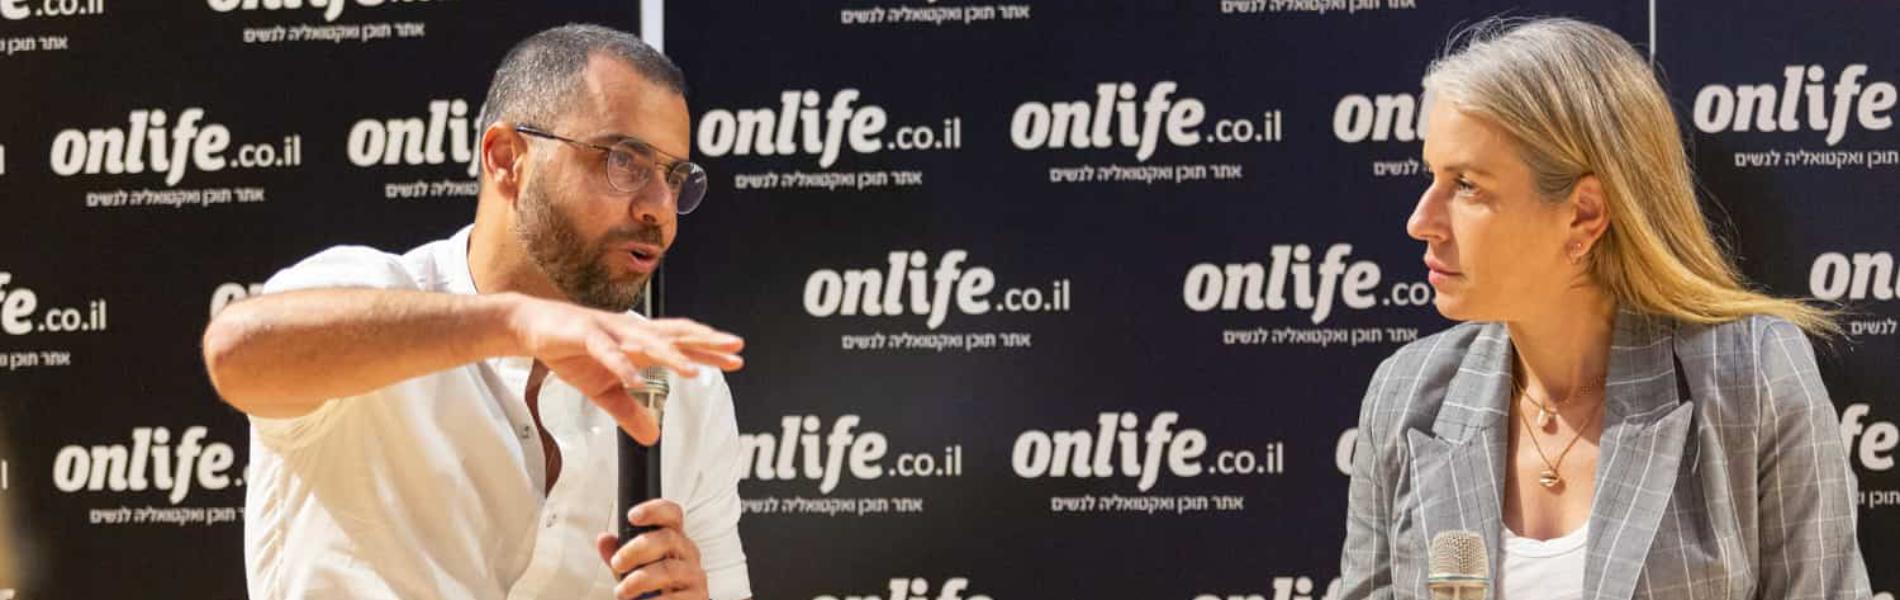 """מנכ""""ל נספרסו: קיימות חייבת להיות חלק מאג'נדה של מנכ""""לים"""